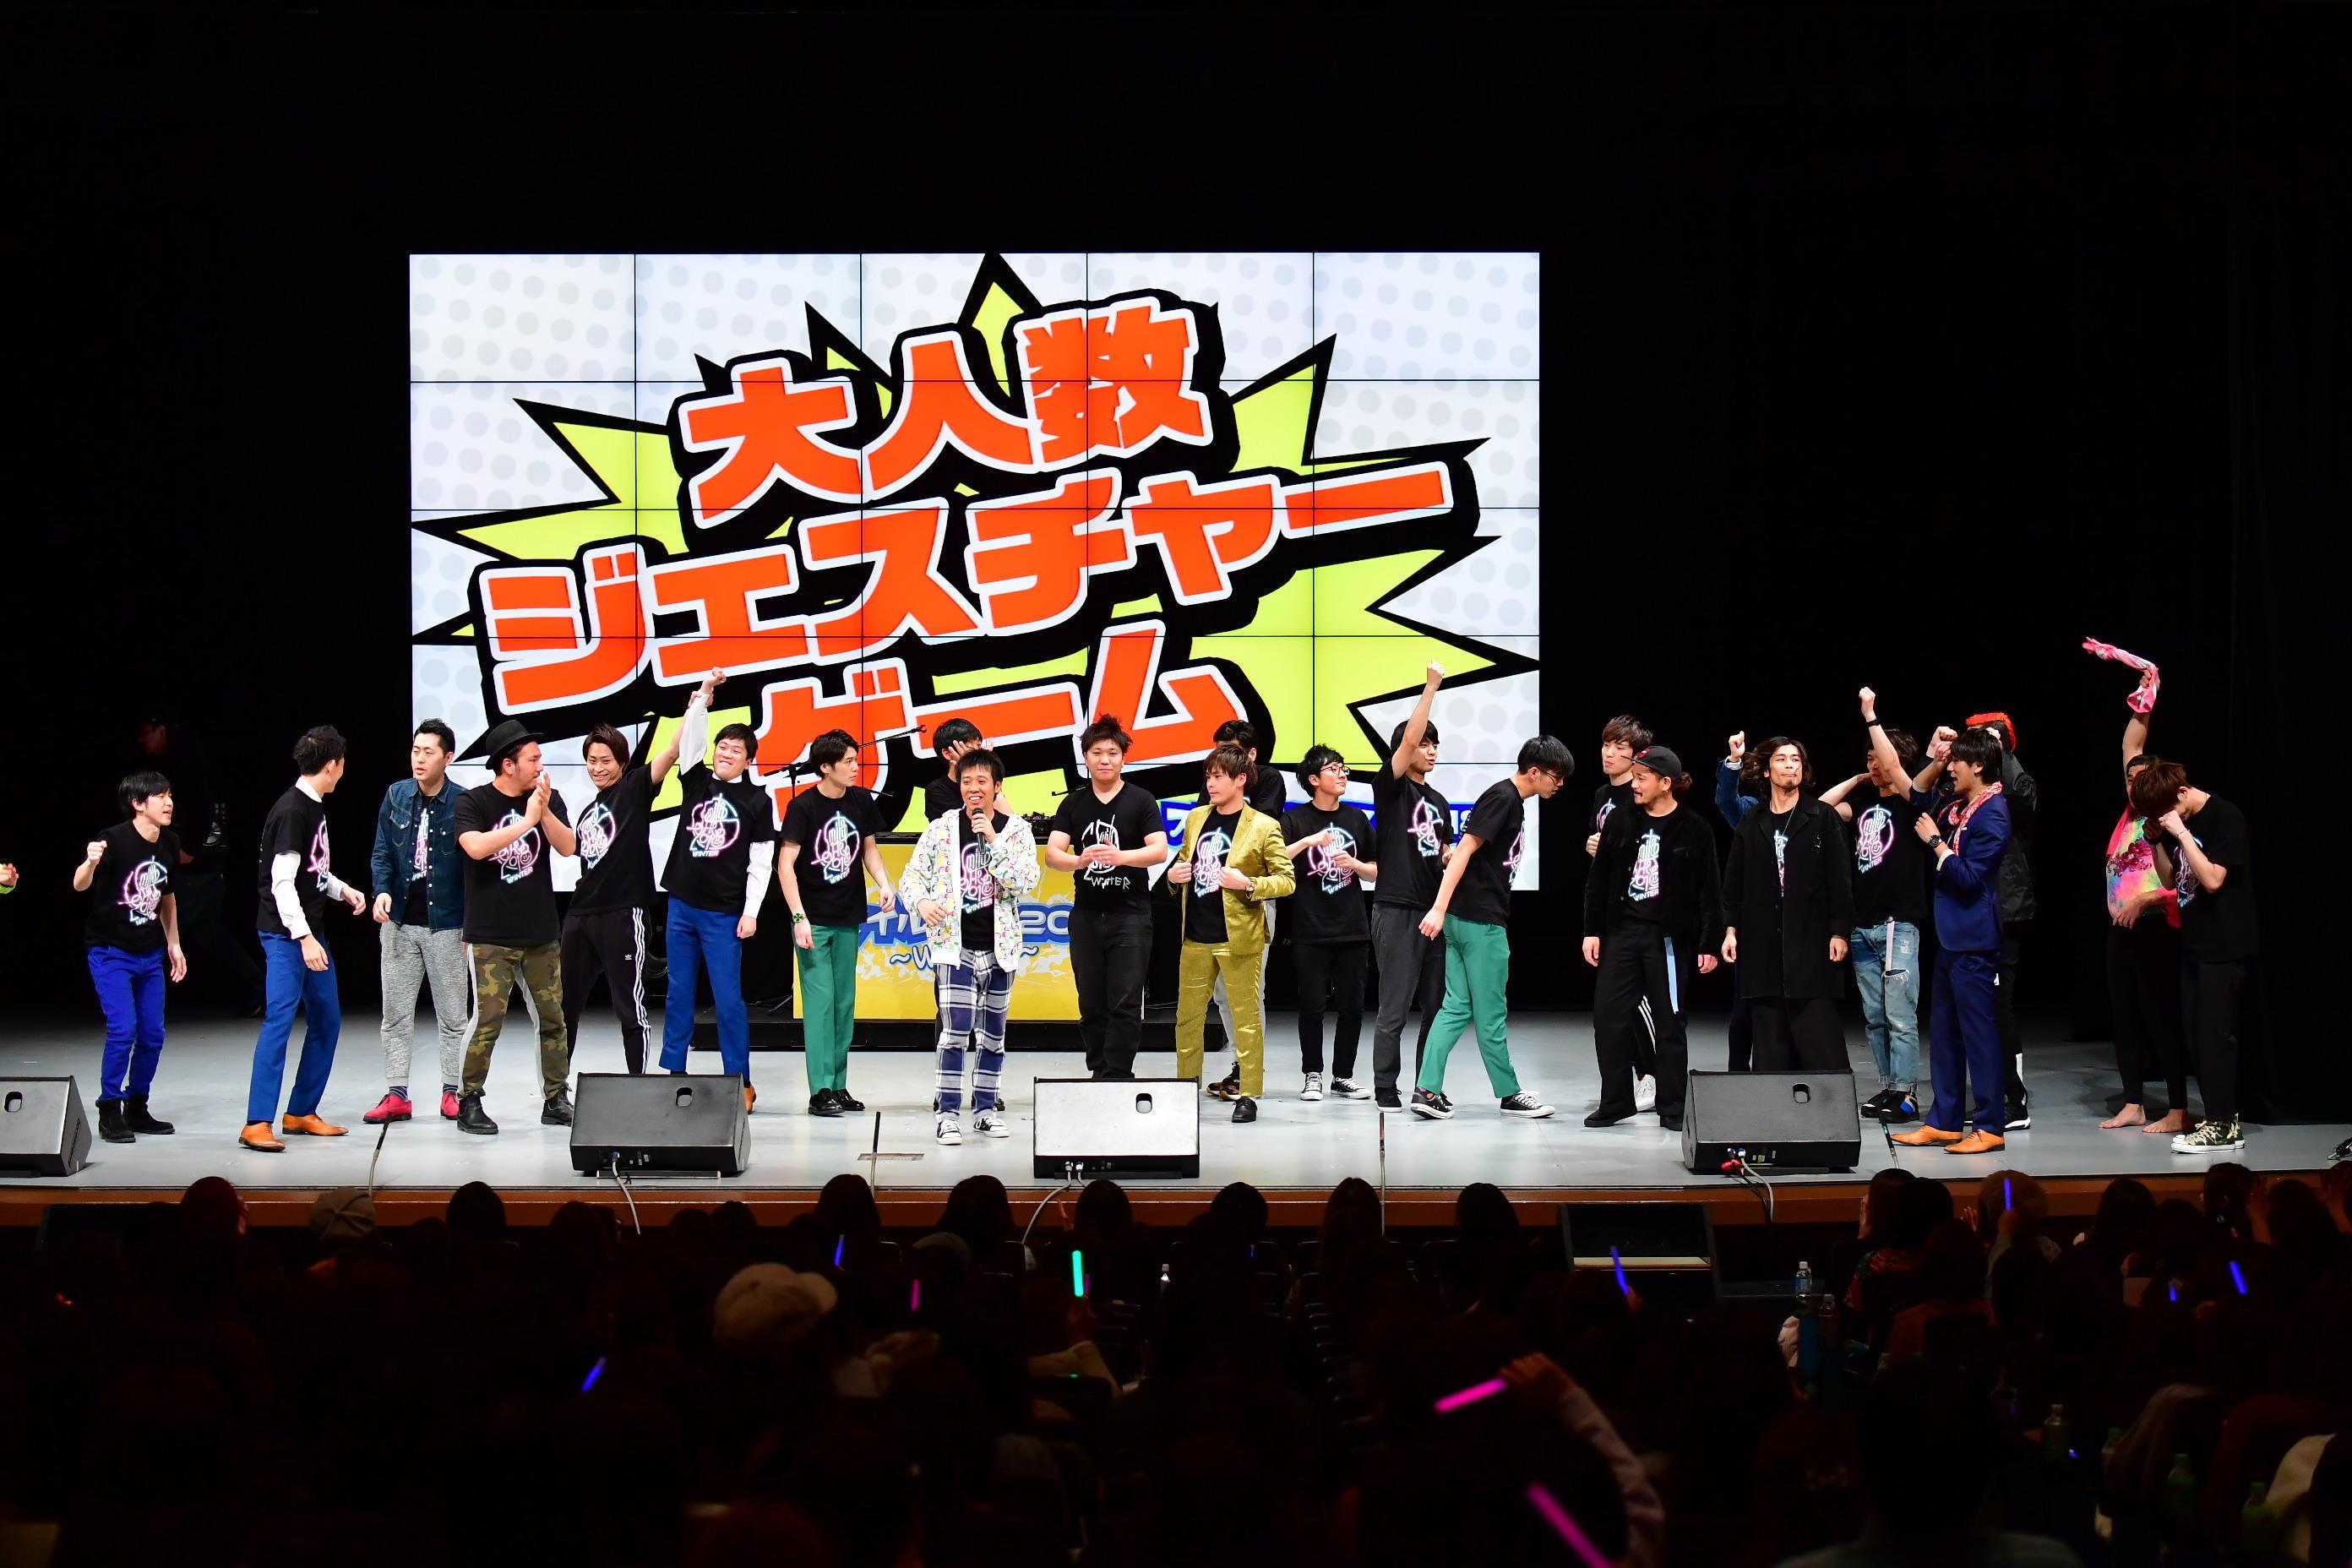 http://news.yoshimoto.co.jp/20180119010929-3fb448096e93d88981c39c1660afa2332b81cb5e.jpg